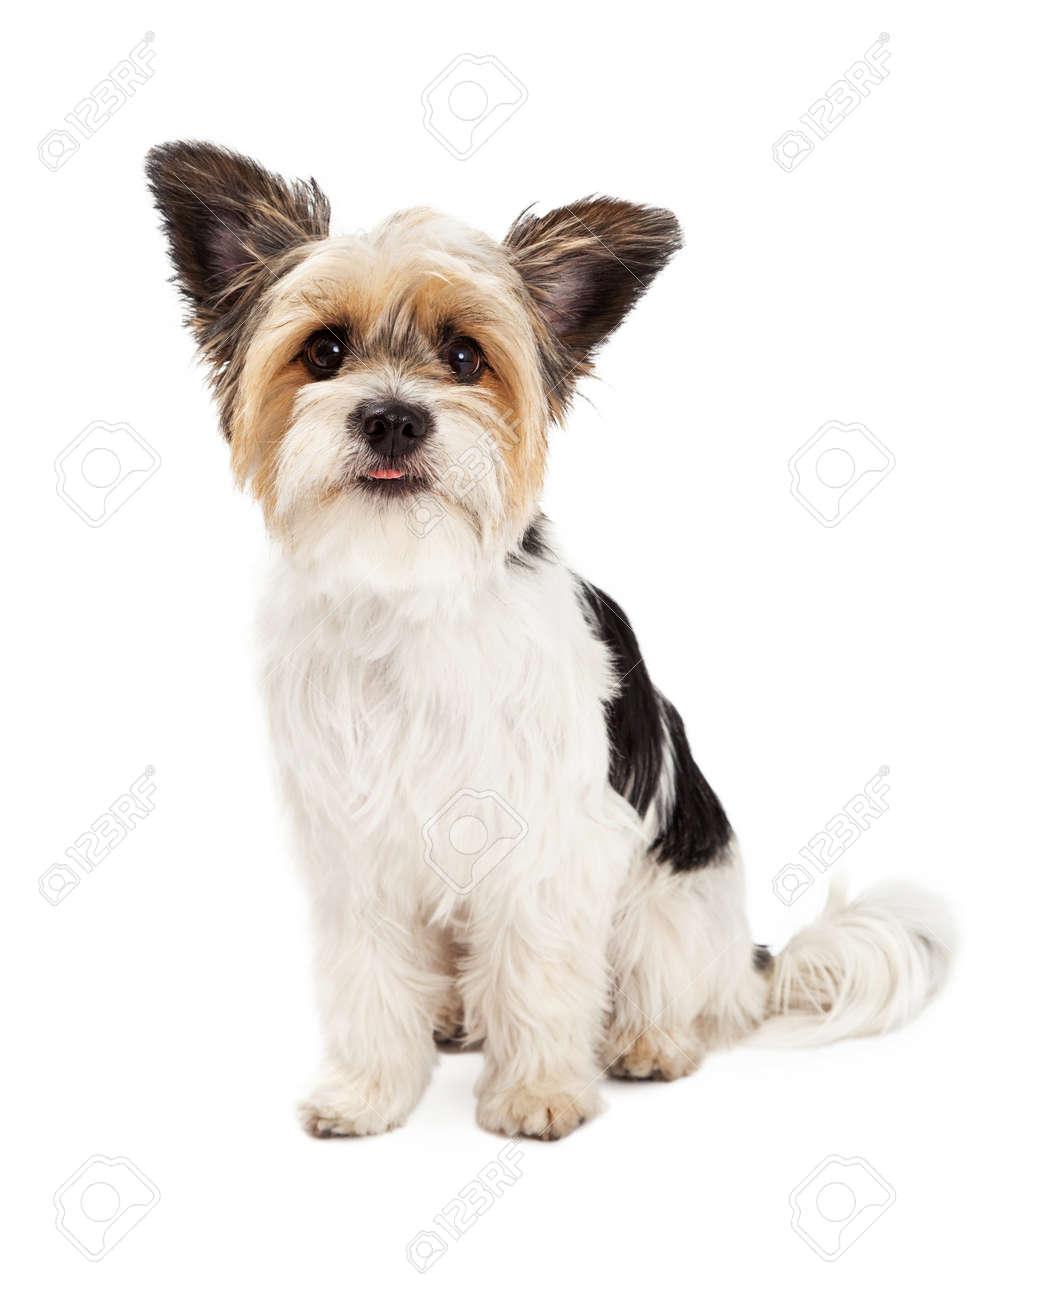 Een Leuke Kleine Yorkshire Terriër En Shih Tzu Gemengd Ras Hond ...